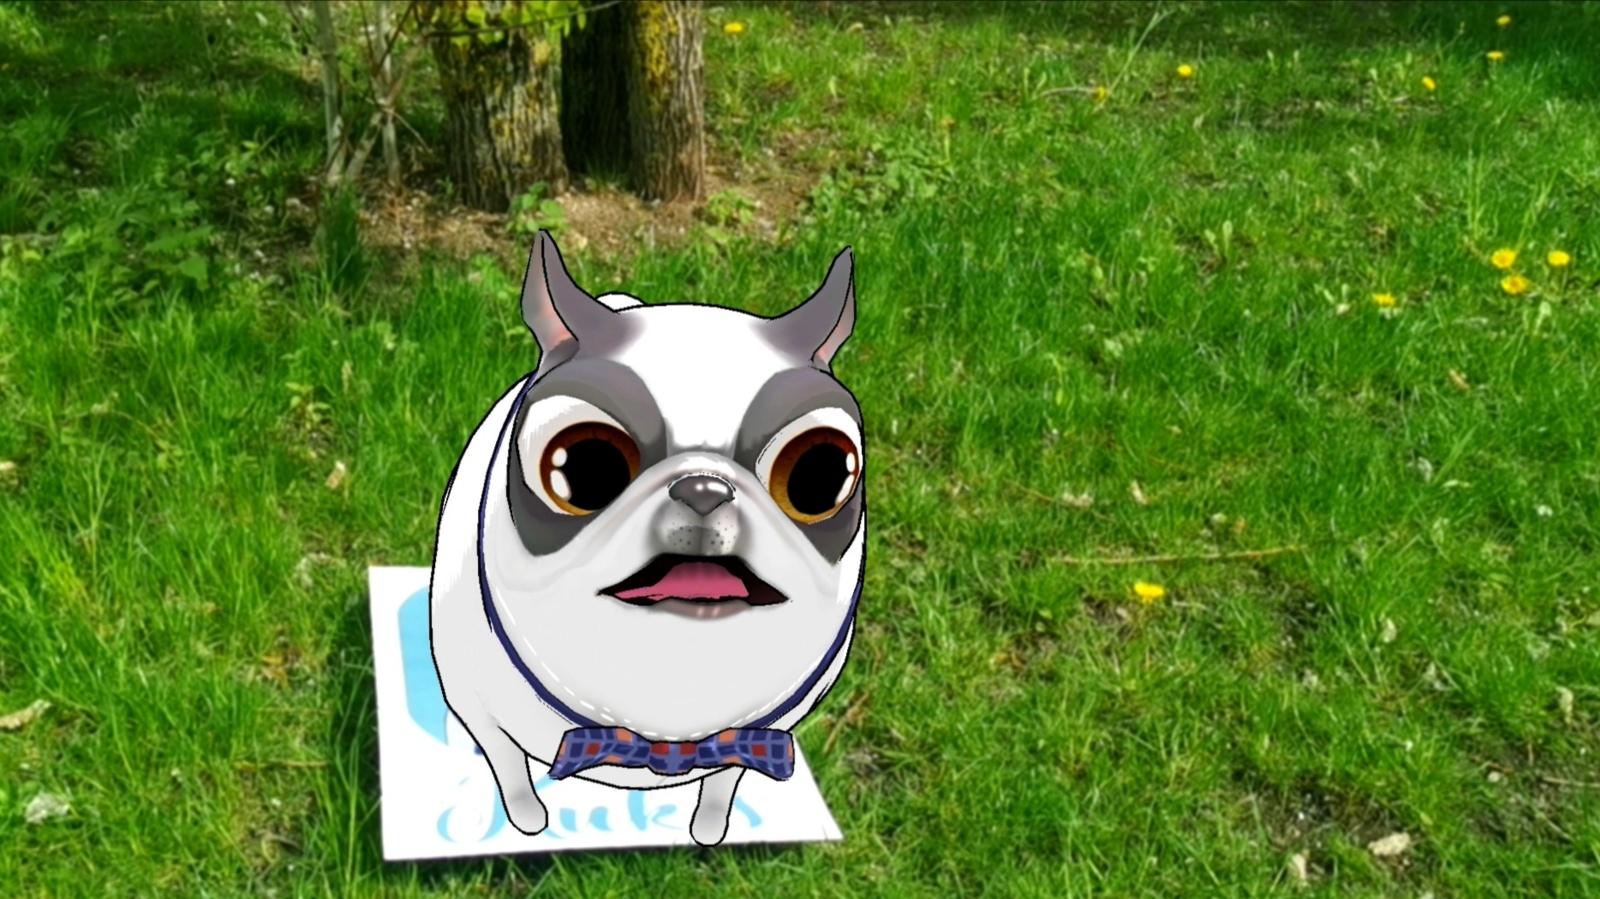 Visą birželio mėnesį kviečia ieškoti šuniukų Bernardinų sode